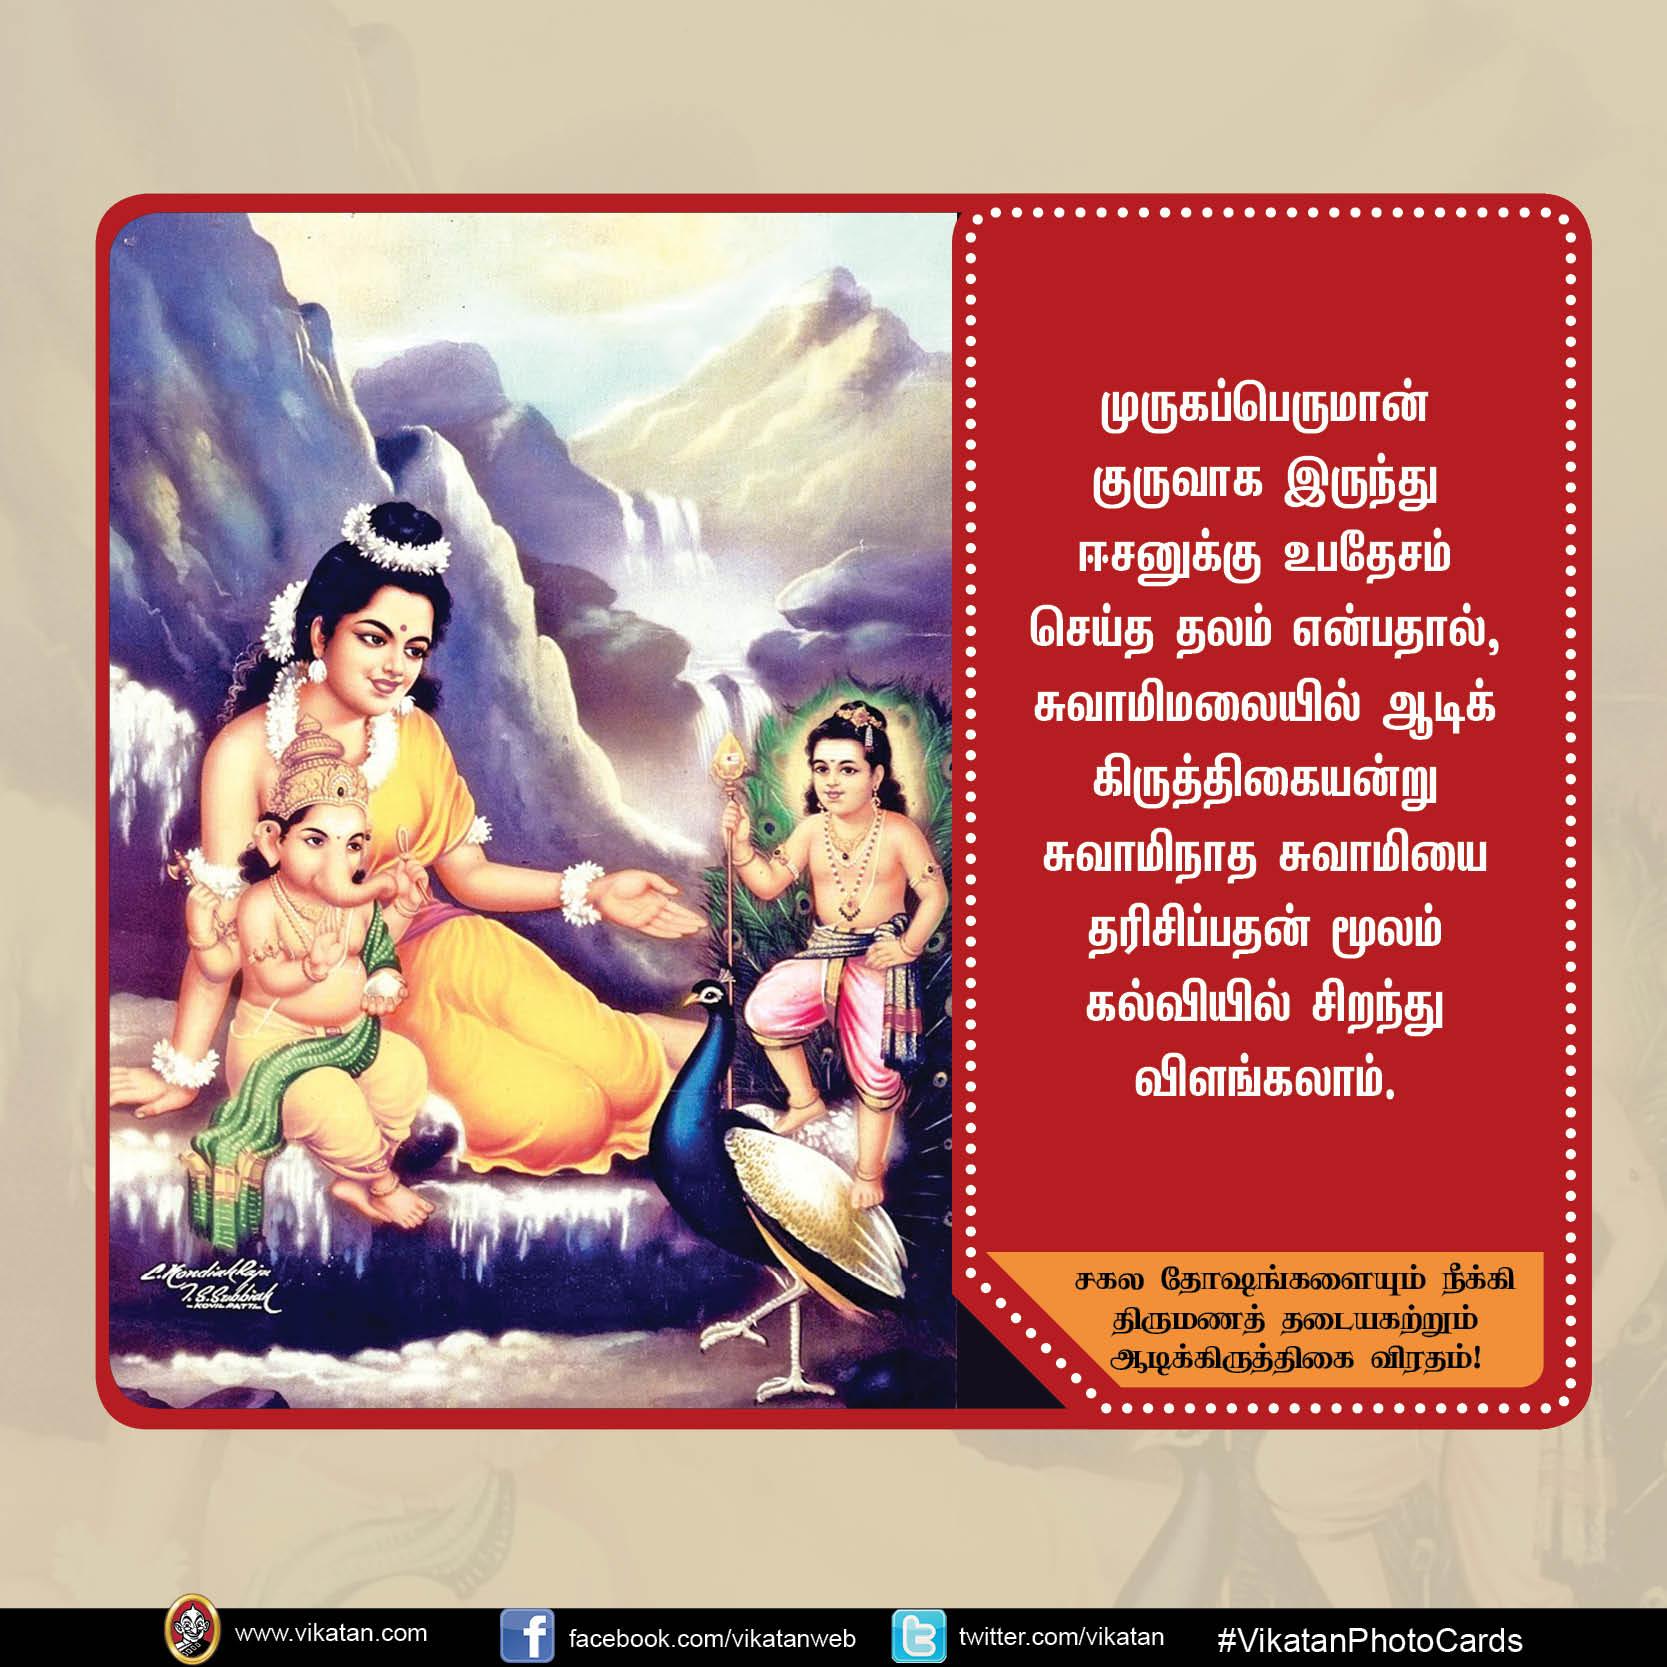 சகல தோஷங்களையும் நீக்கி திருமணத் தடையகற்றும் ஆடிக்கிருத்திகை விரதம்!  #VikatanPhotoCard